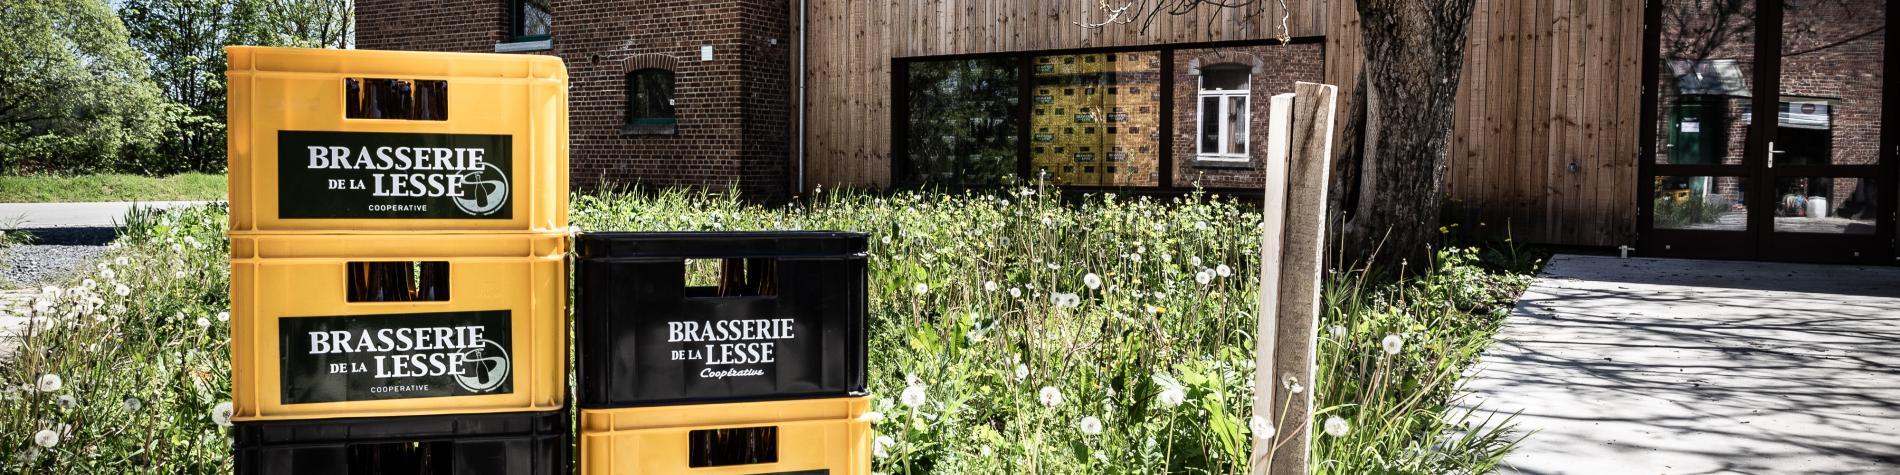 Vue de la Brasserie de la Lesse - Eprave